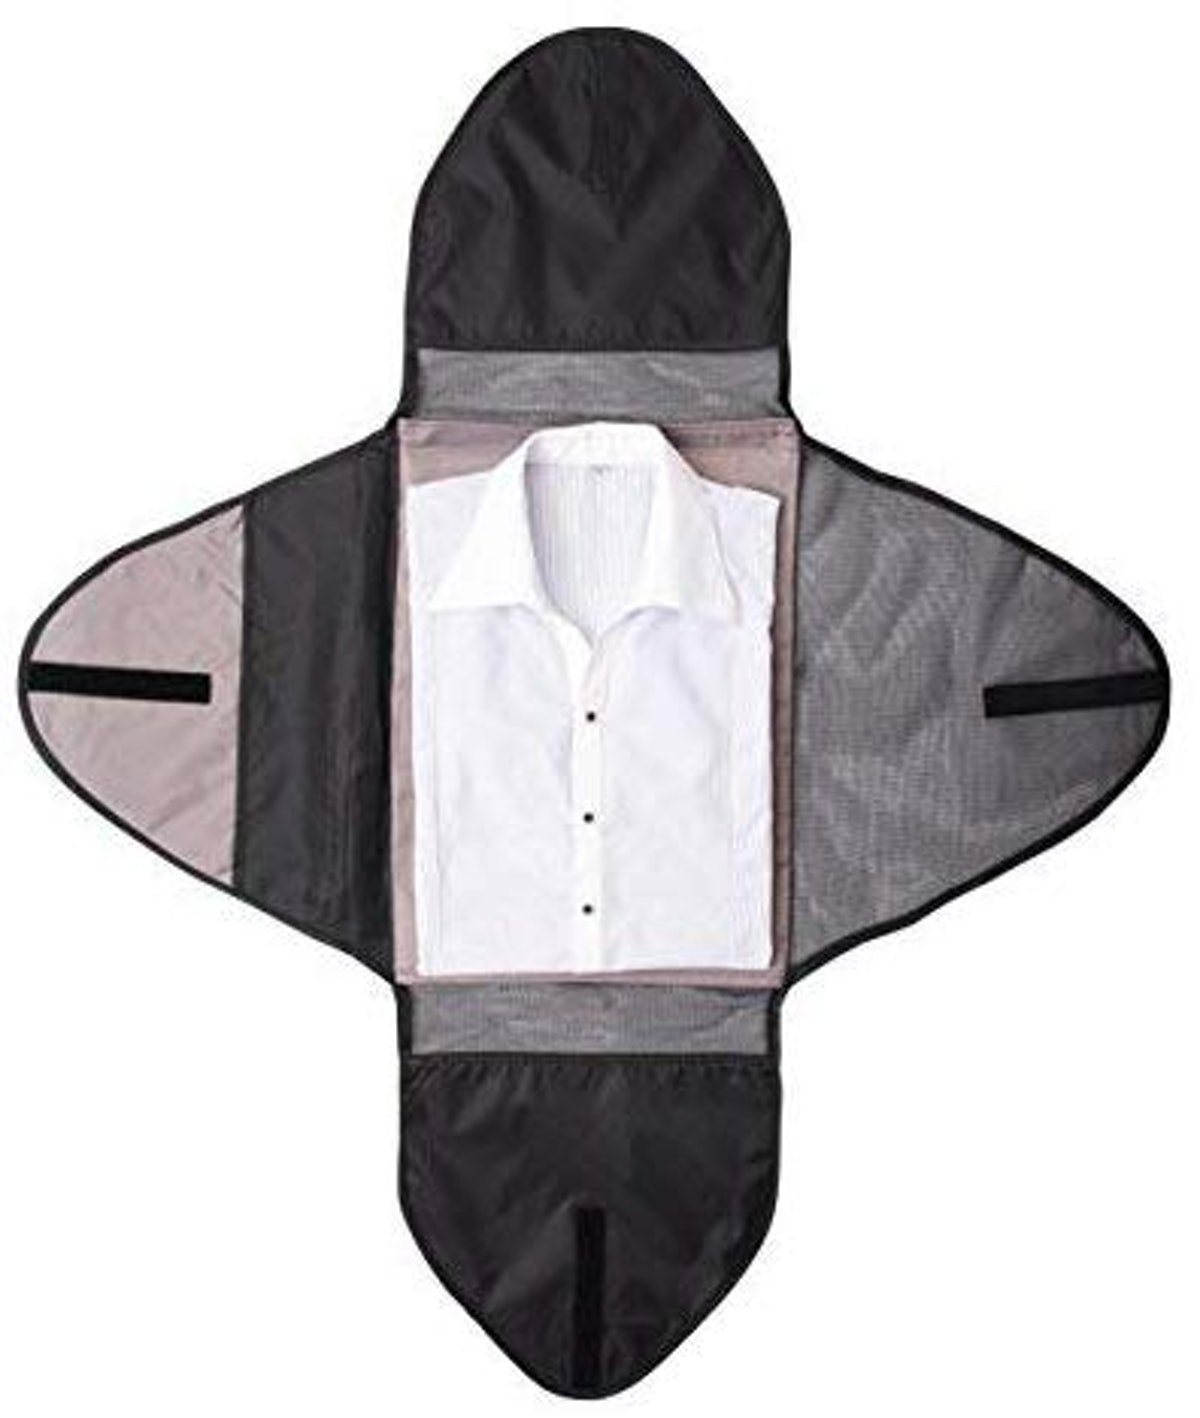 SHONPY Garment Packing Folder